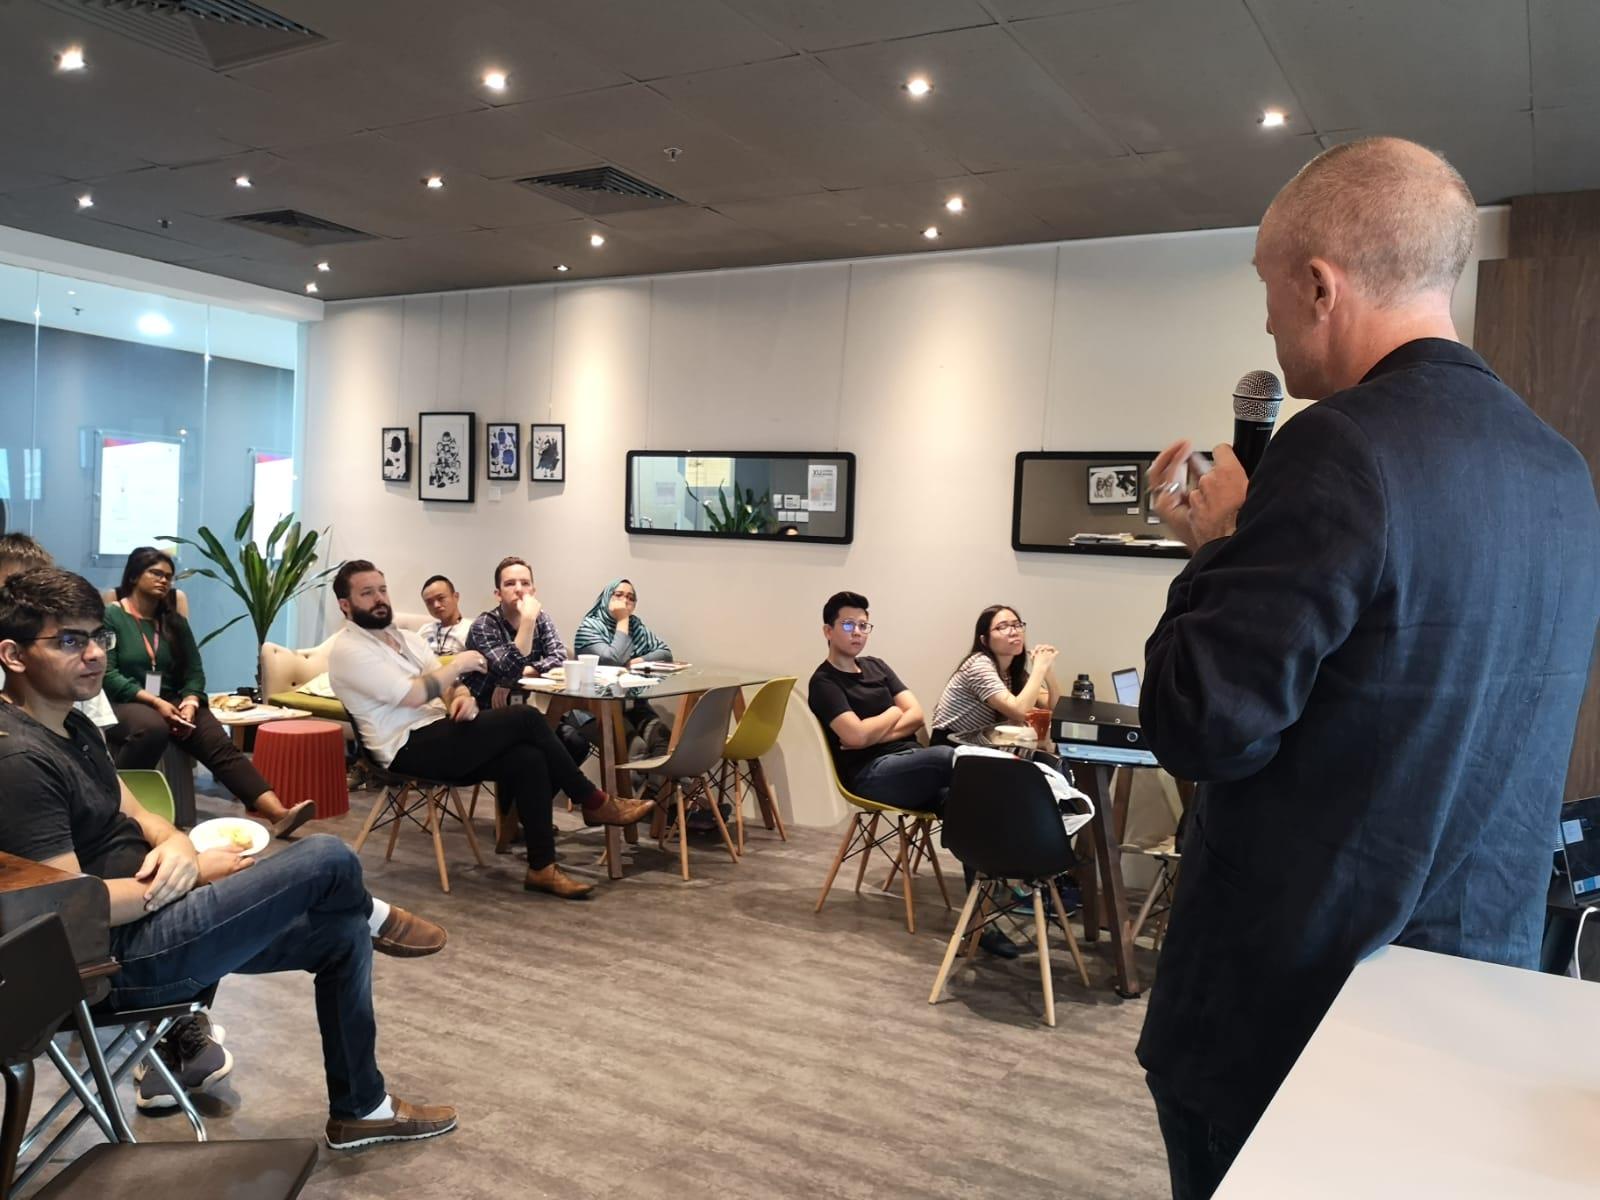 Coworking Singapore Workcentral Hatch Ben Munroe.jpg